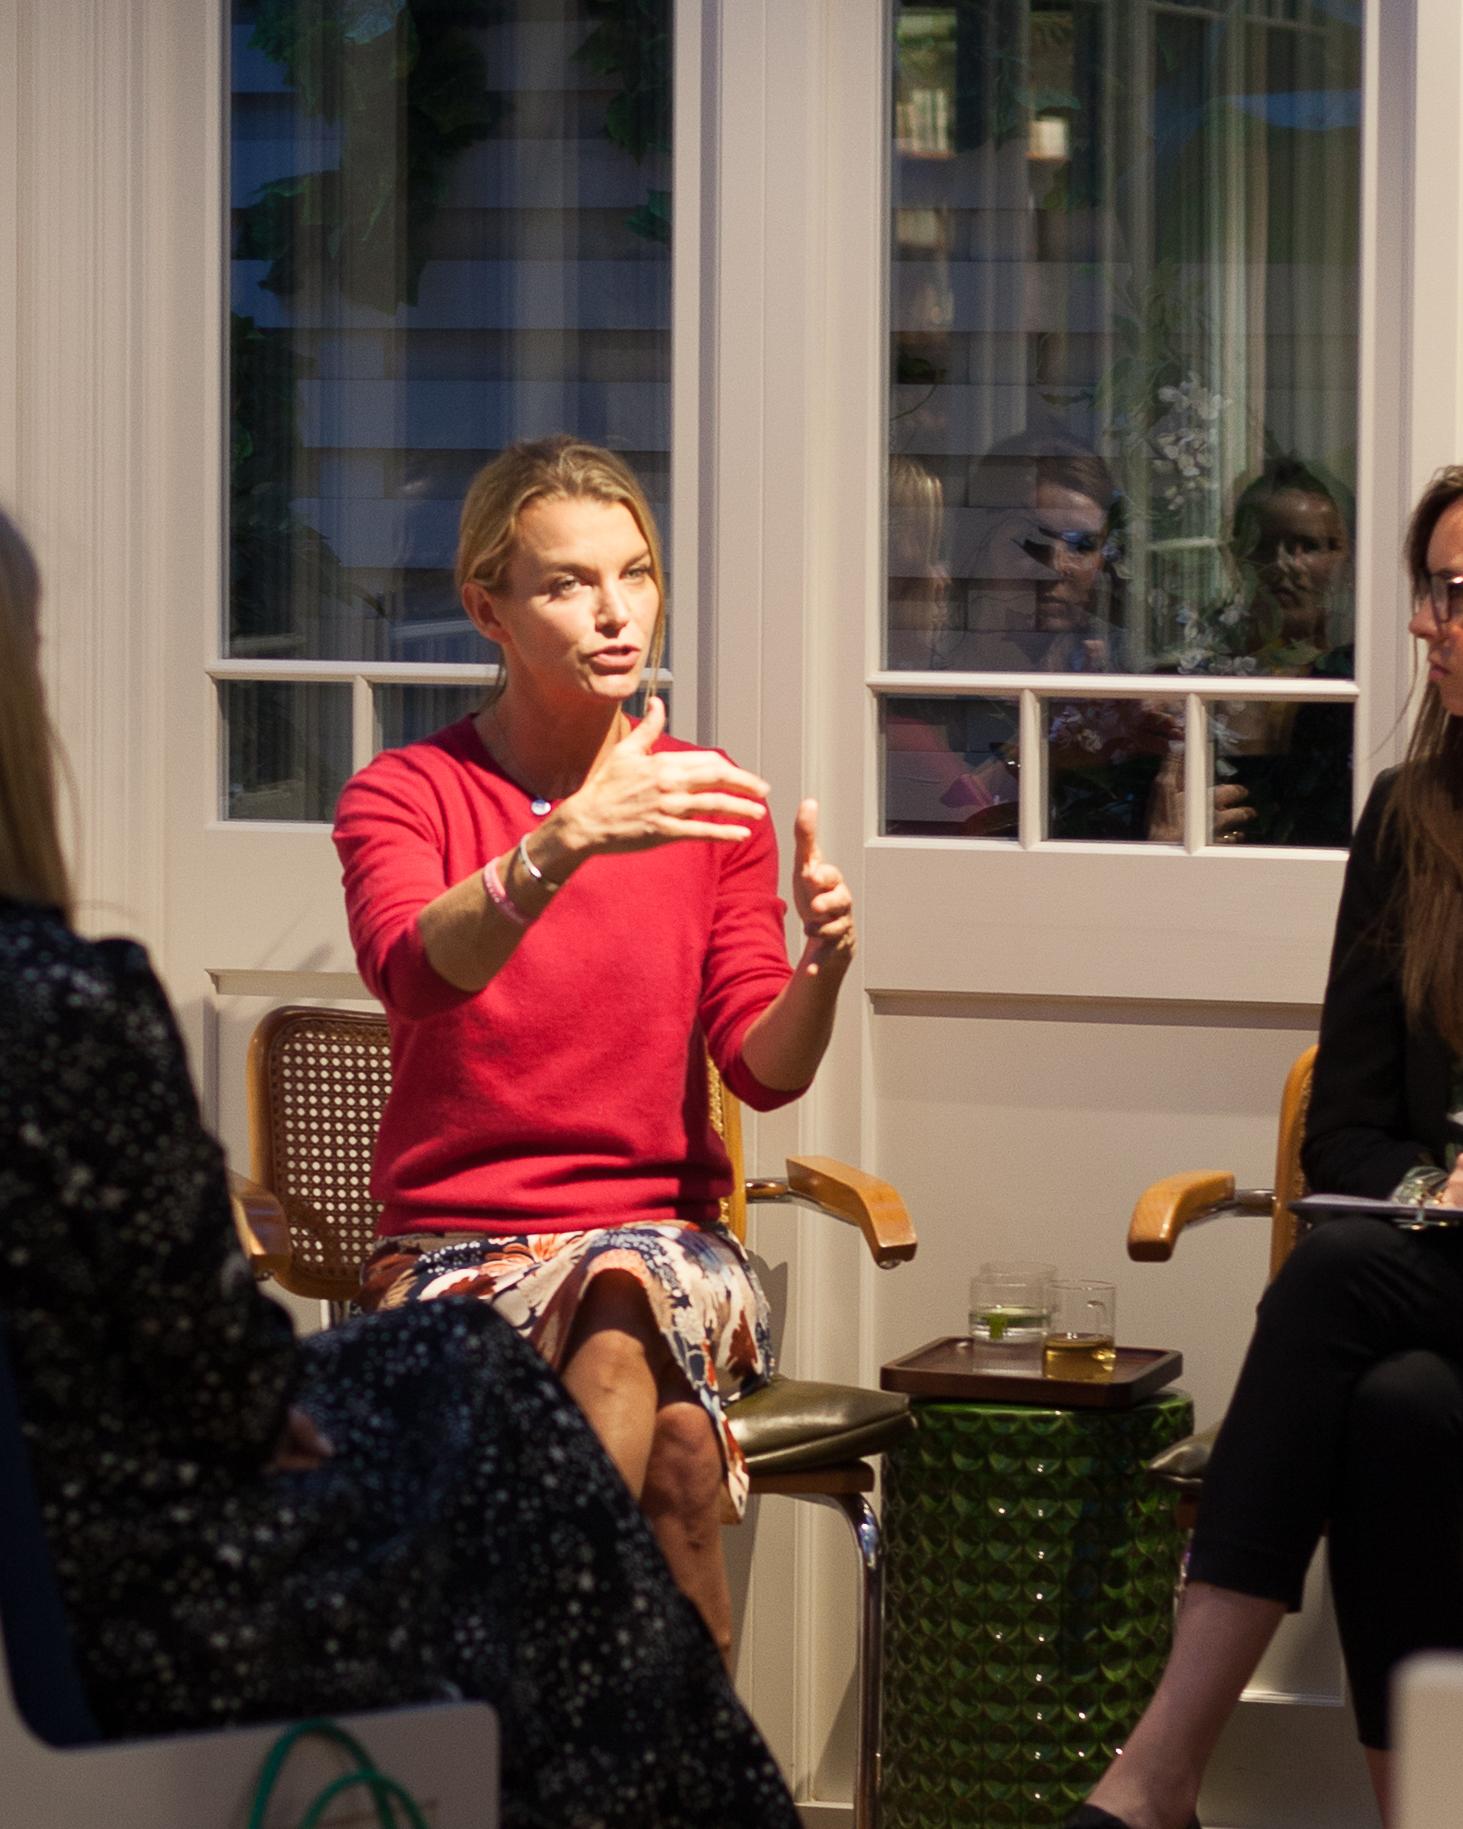 TV presenter, Author and Yoga Teacher Julie Montagu captivating the room